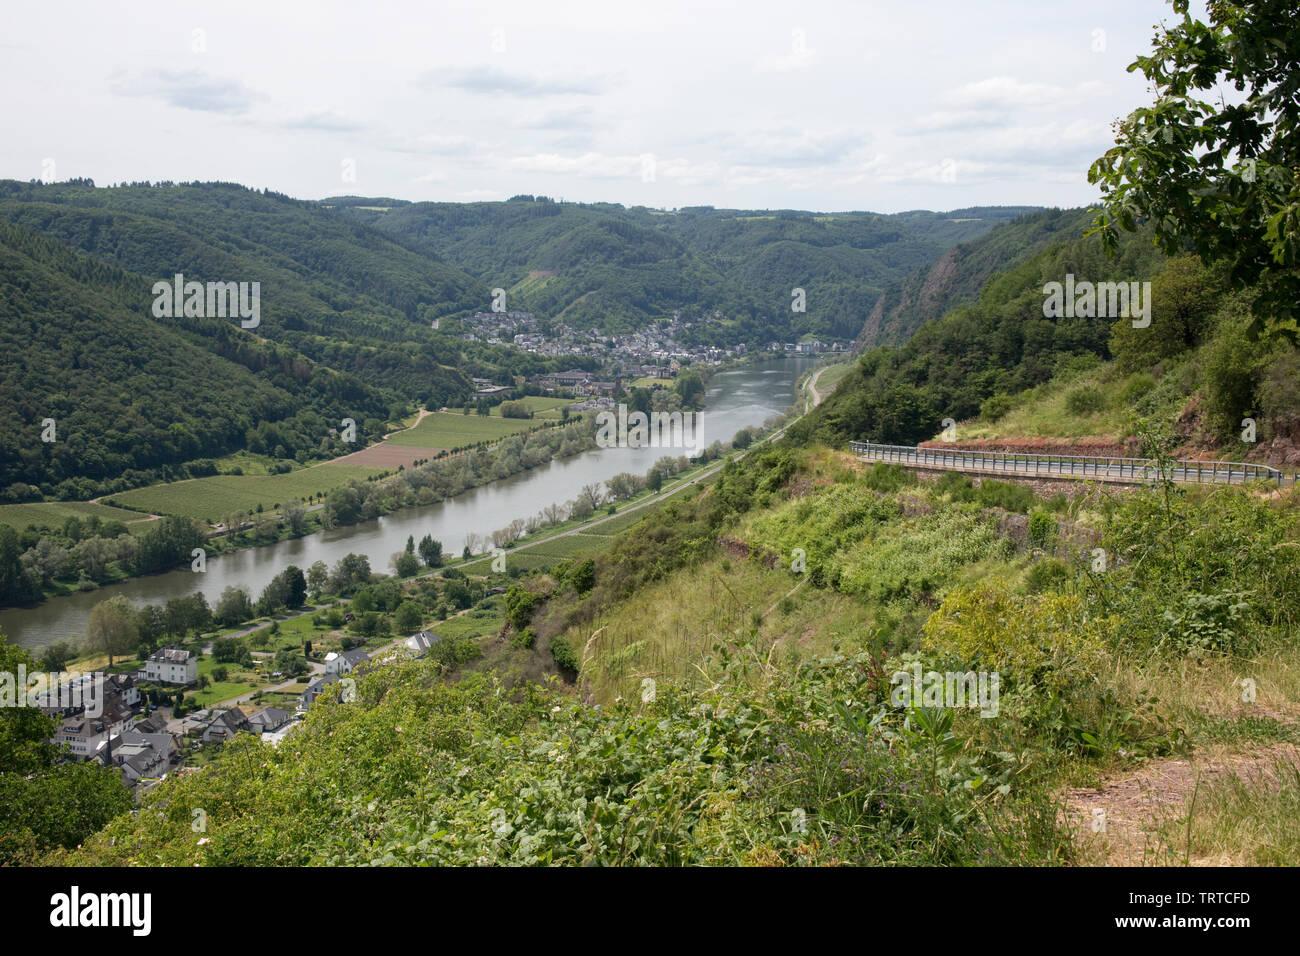 Blick vom Valwiggerberg ins Moseltal auf Cochem-Sehl, Valwig, Rheinland-Pfalz, Deutschland - Stock Image